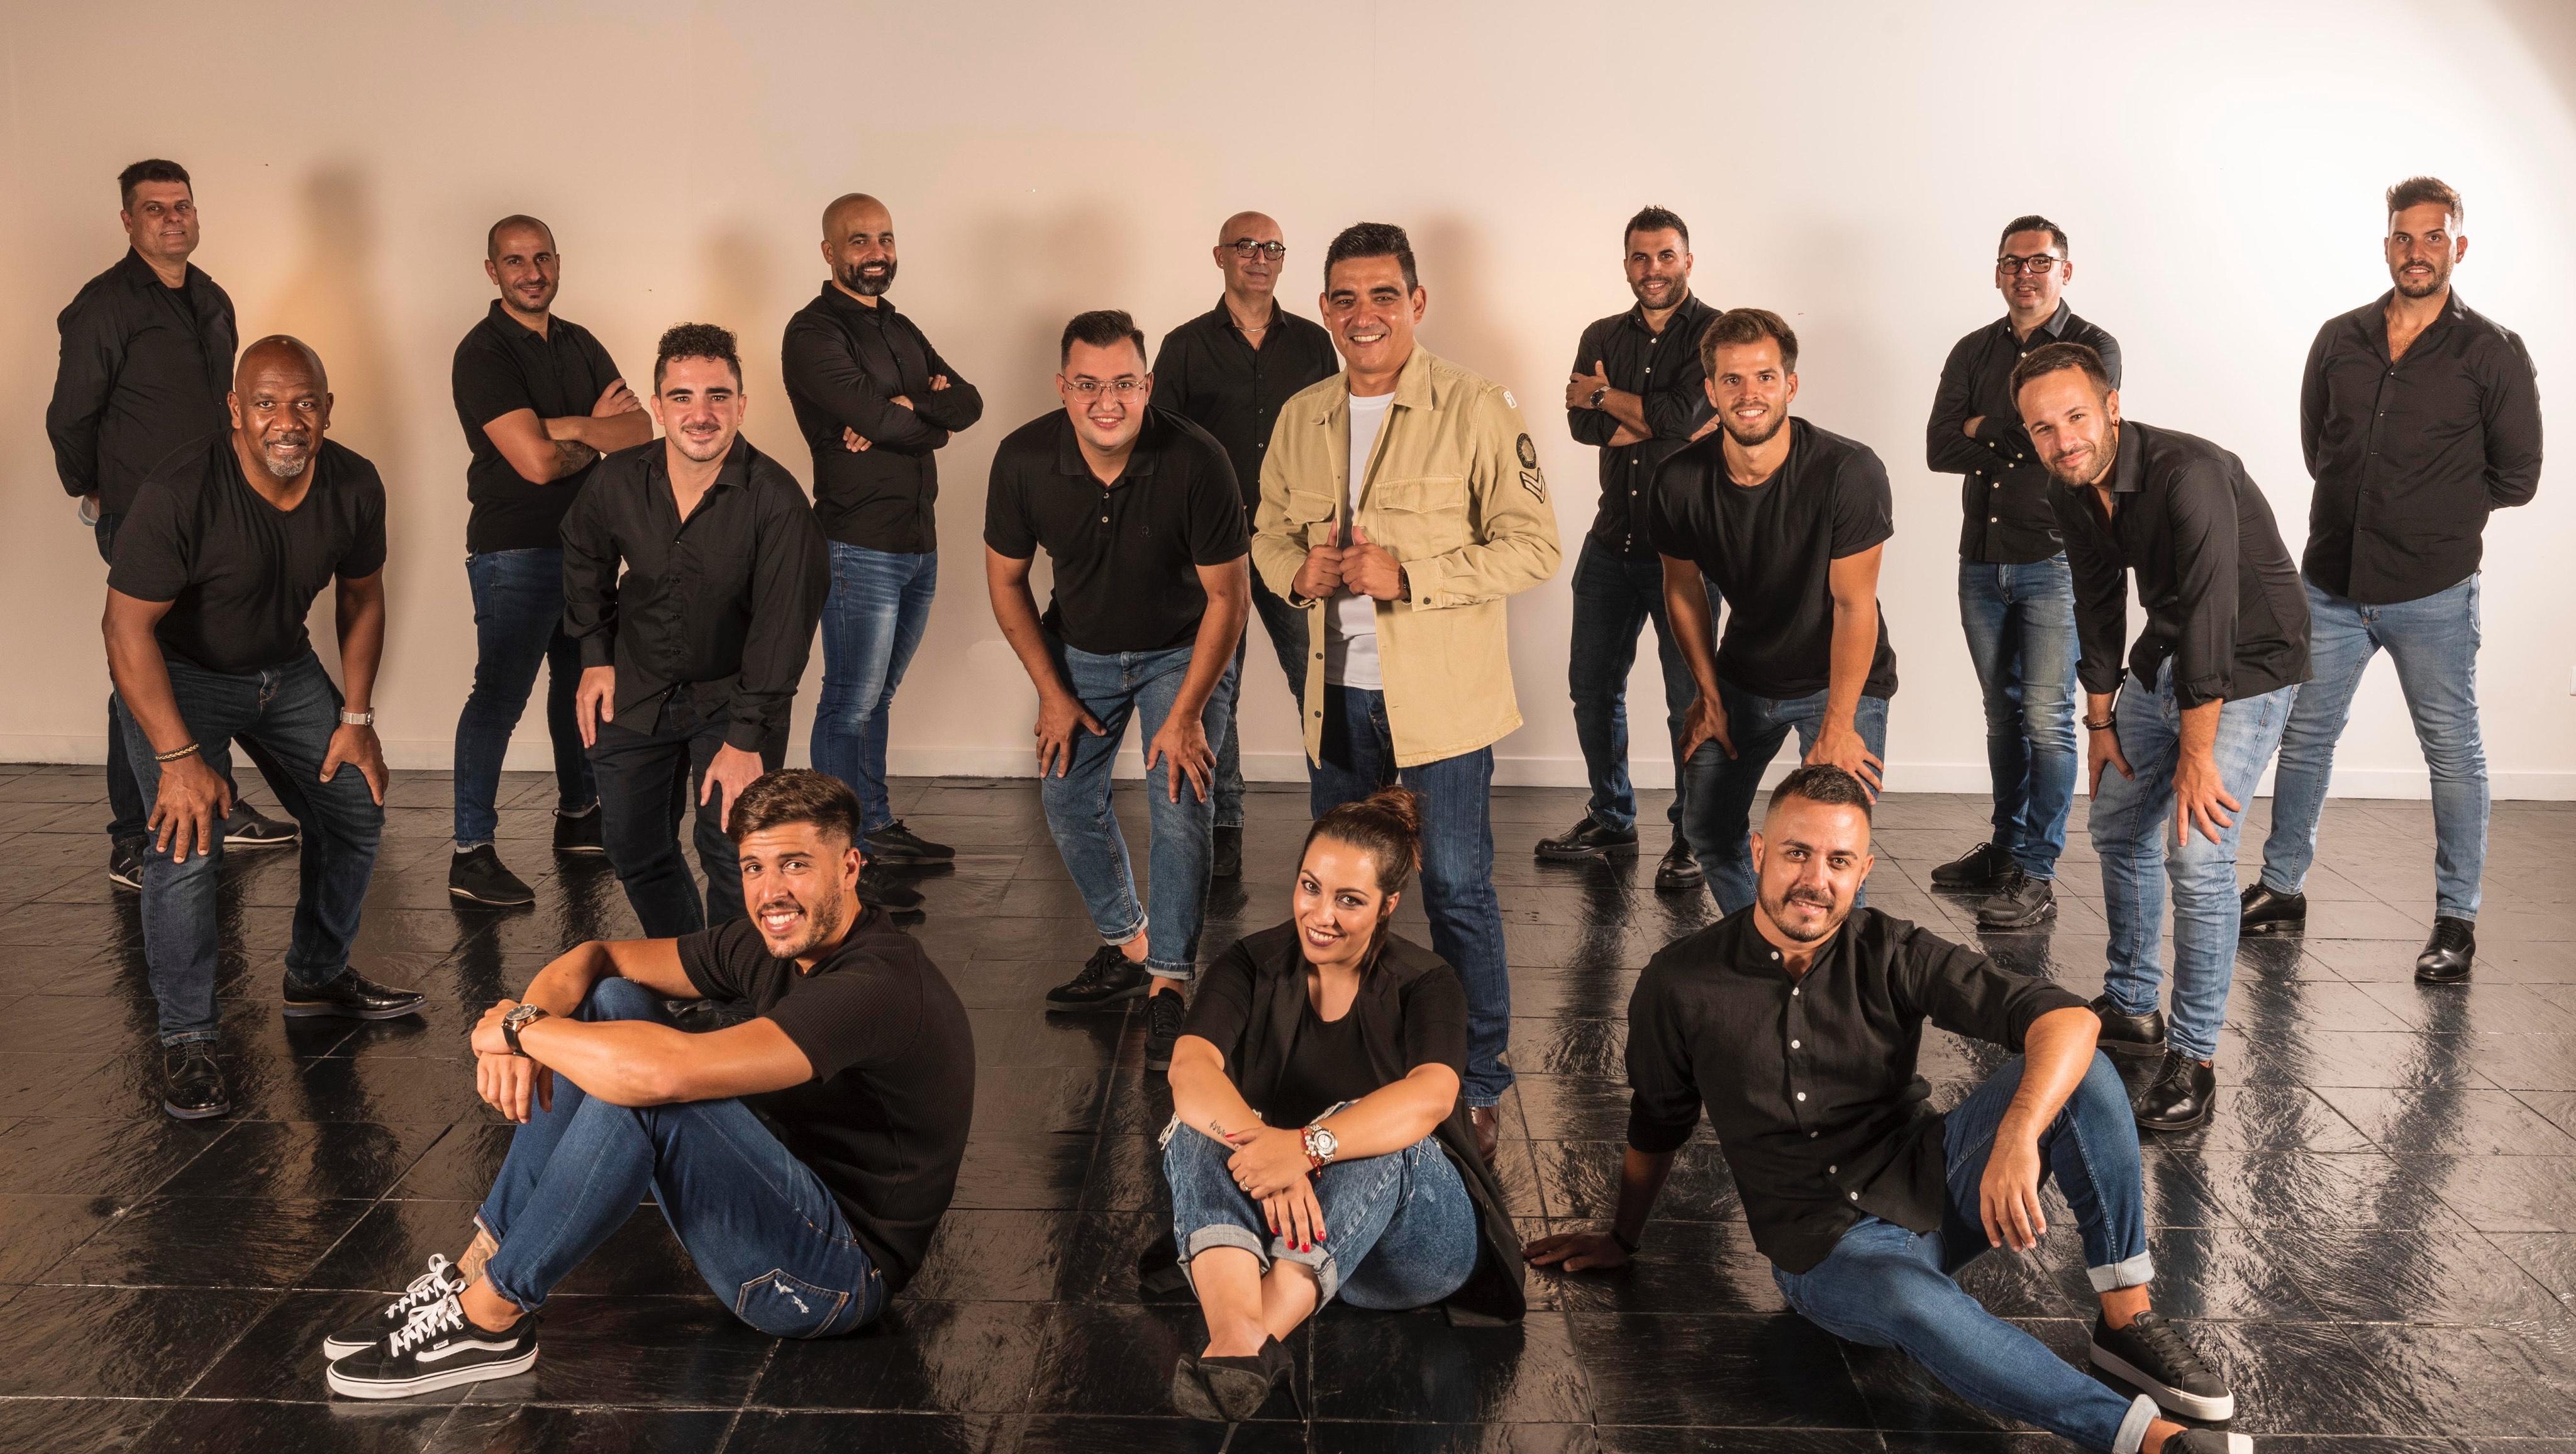 Tras agotar las entradas del estreno, el Tributo a Juan Luis Guerra programa un nuevo concierto